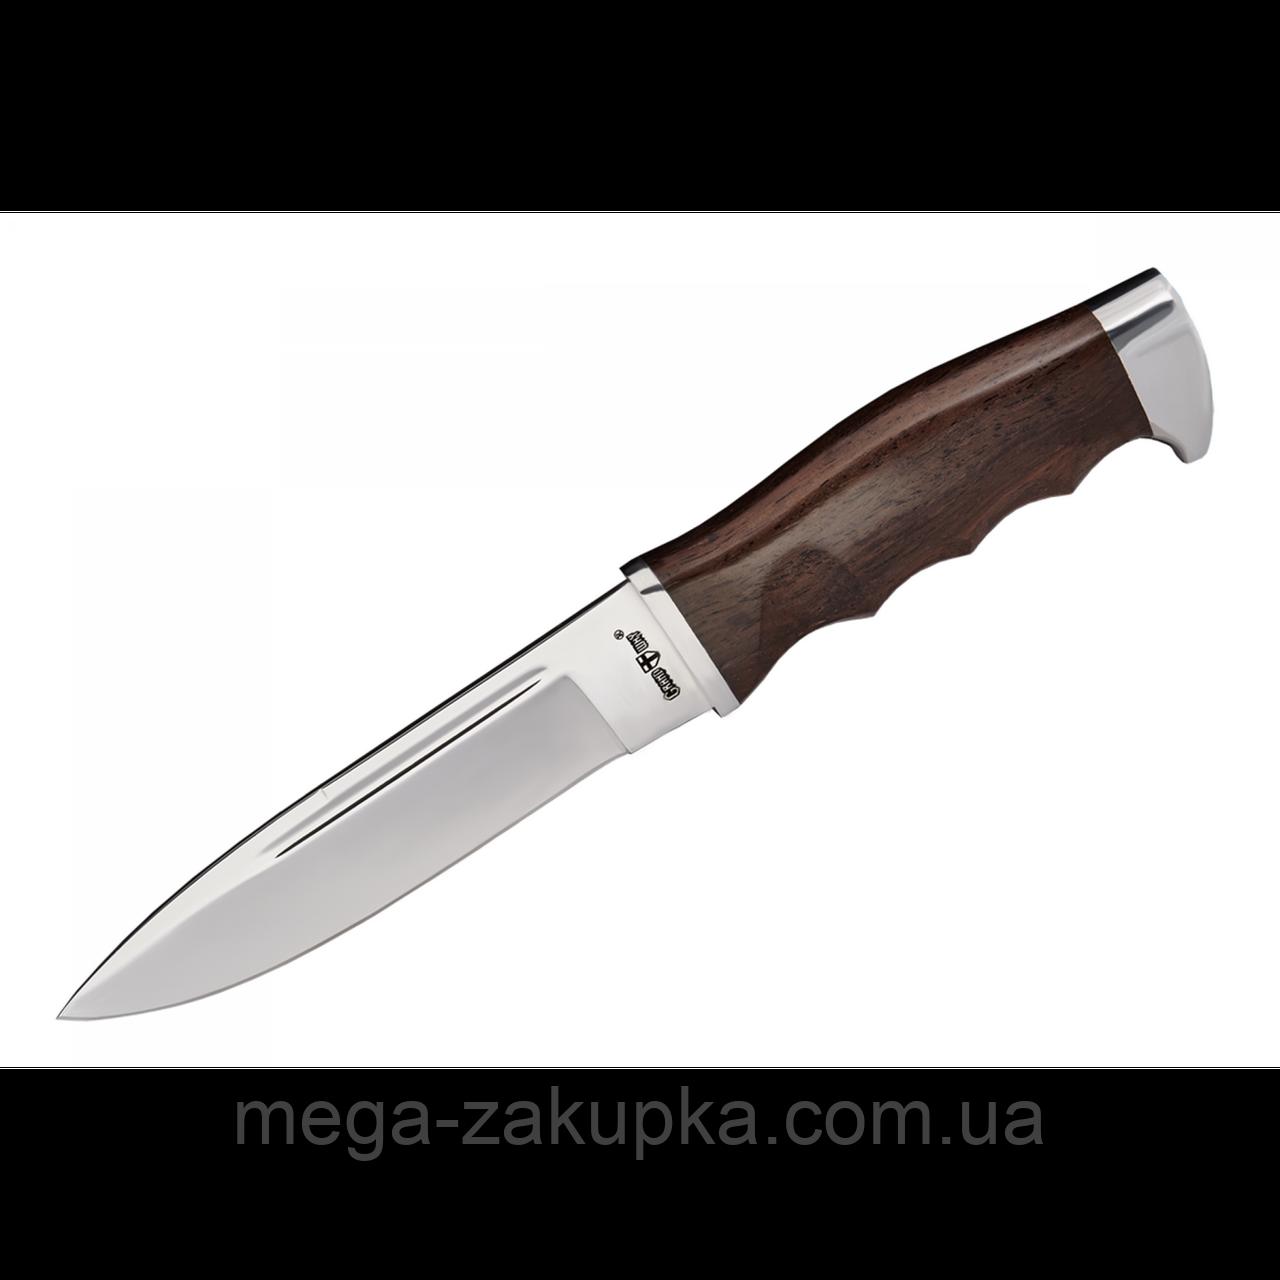 Нож нескладной с деревянной рукояткой + чехол, отличный подарок мужчине